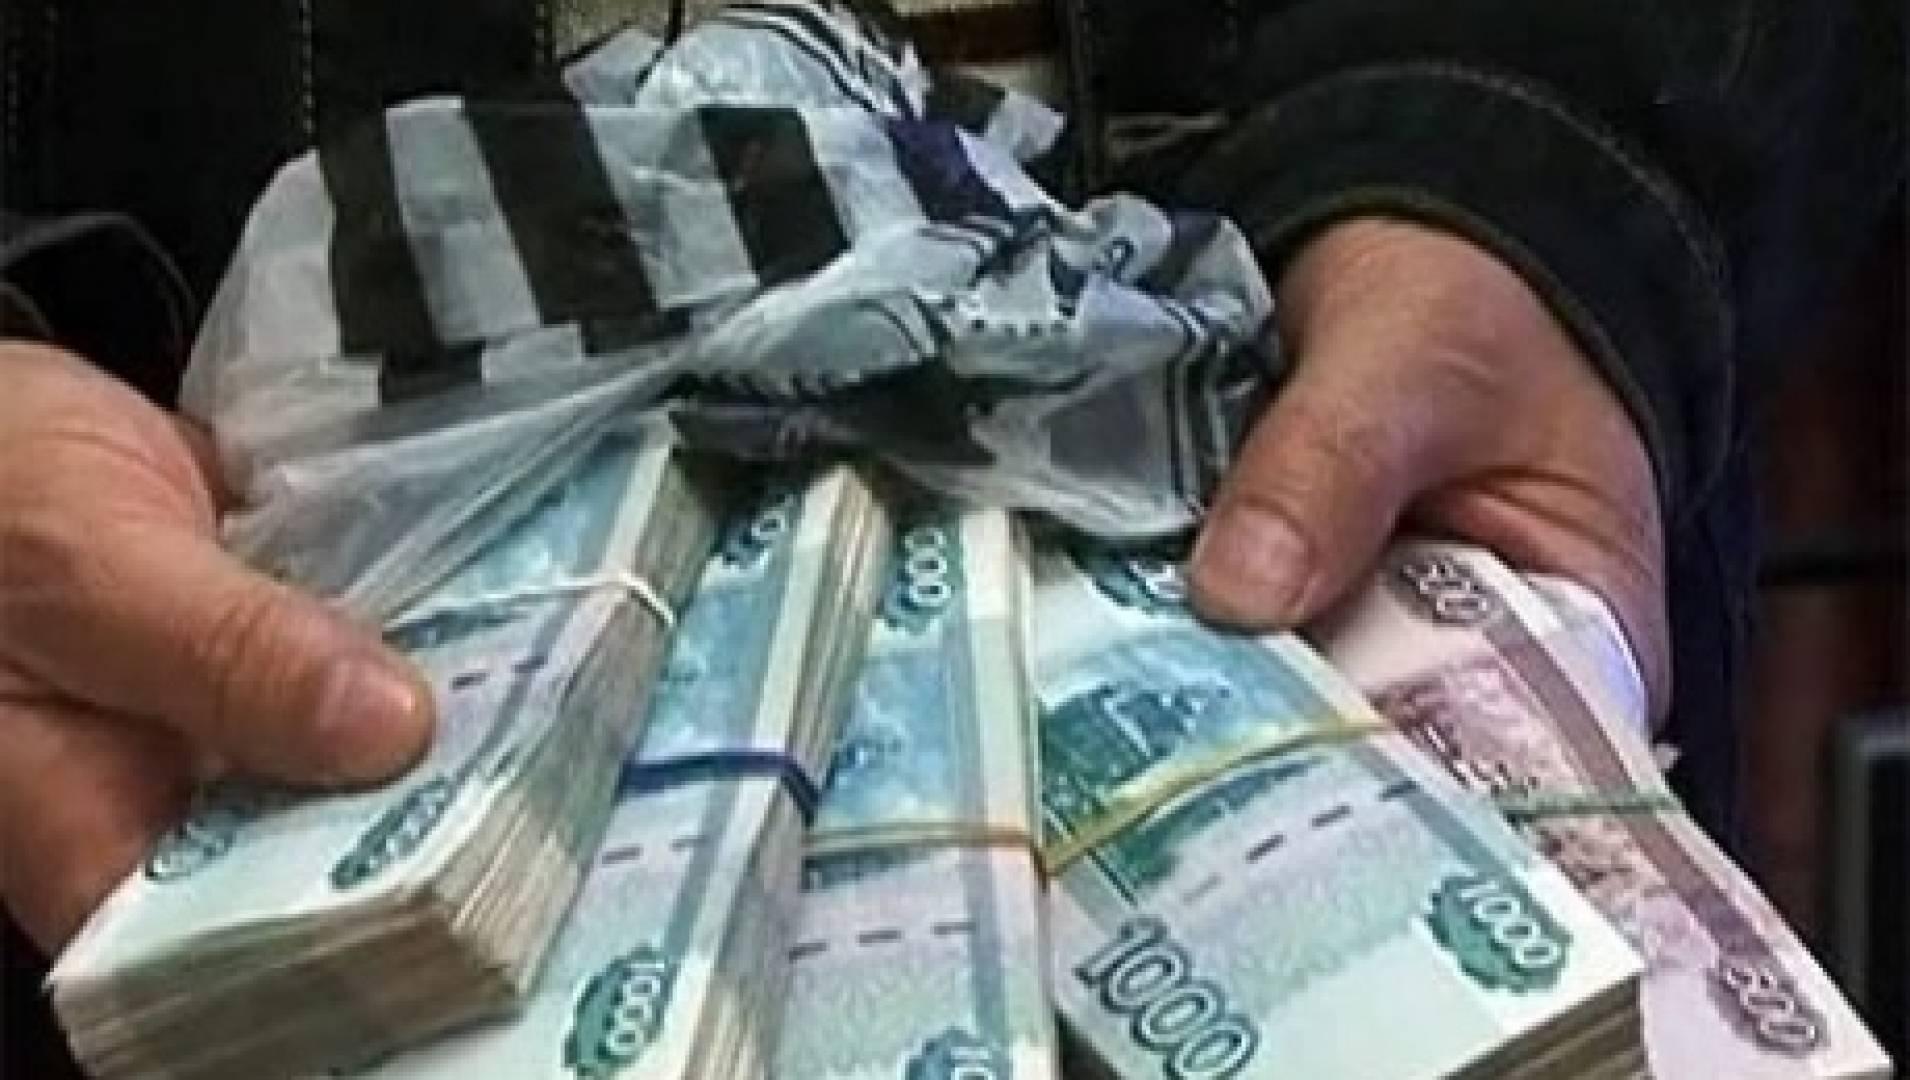 деньги знакомый украл